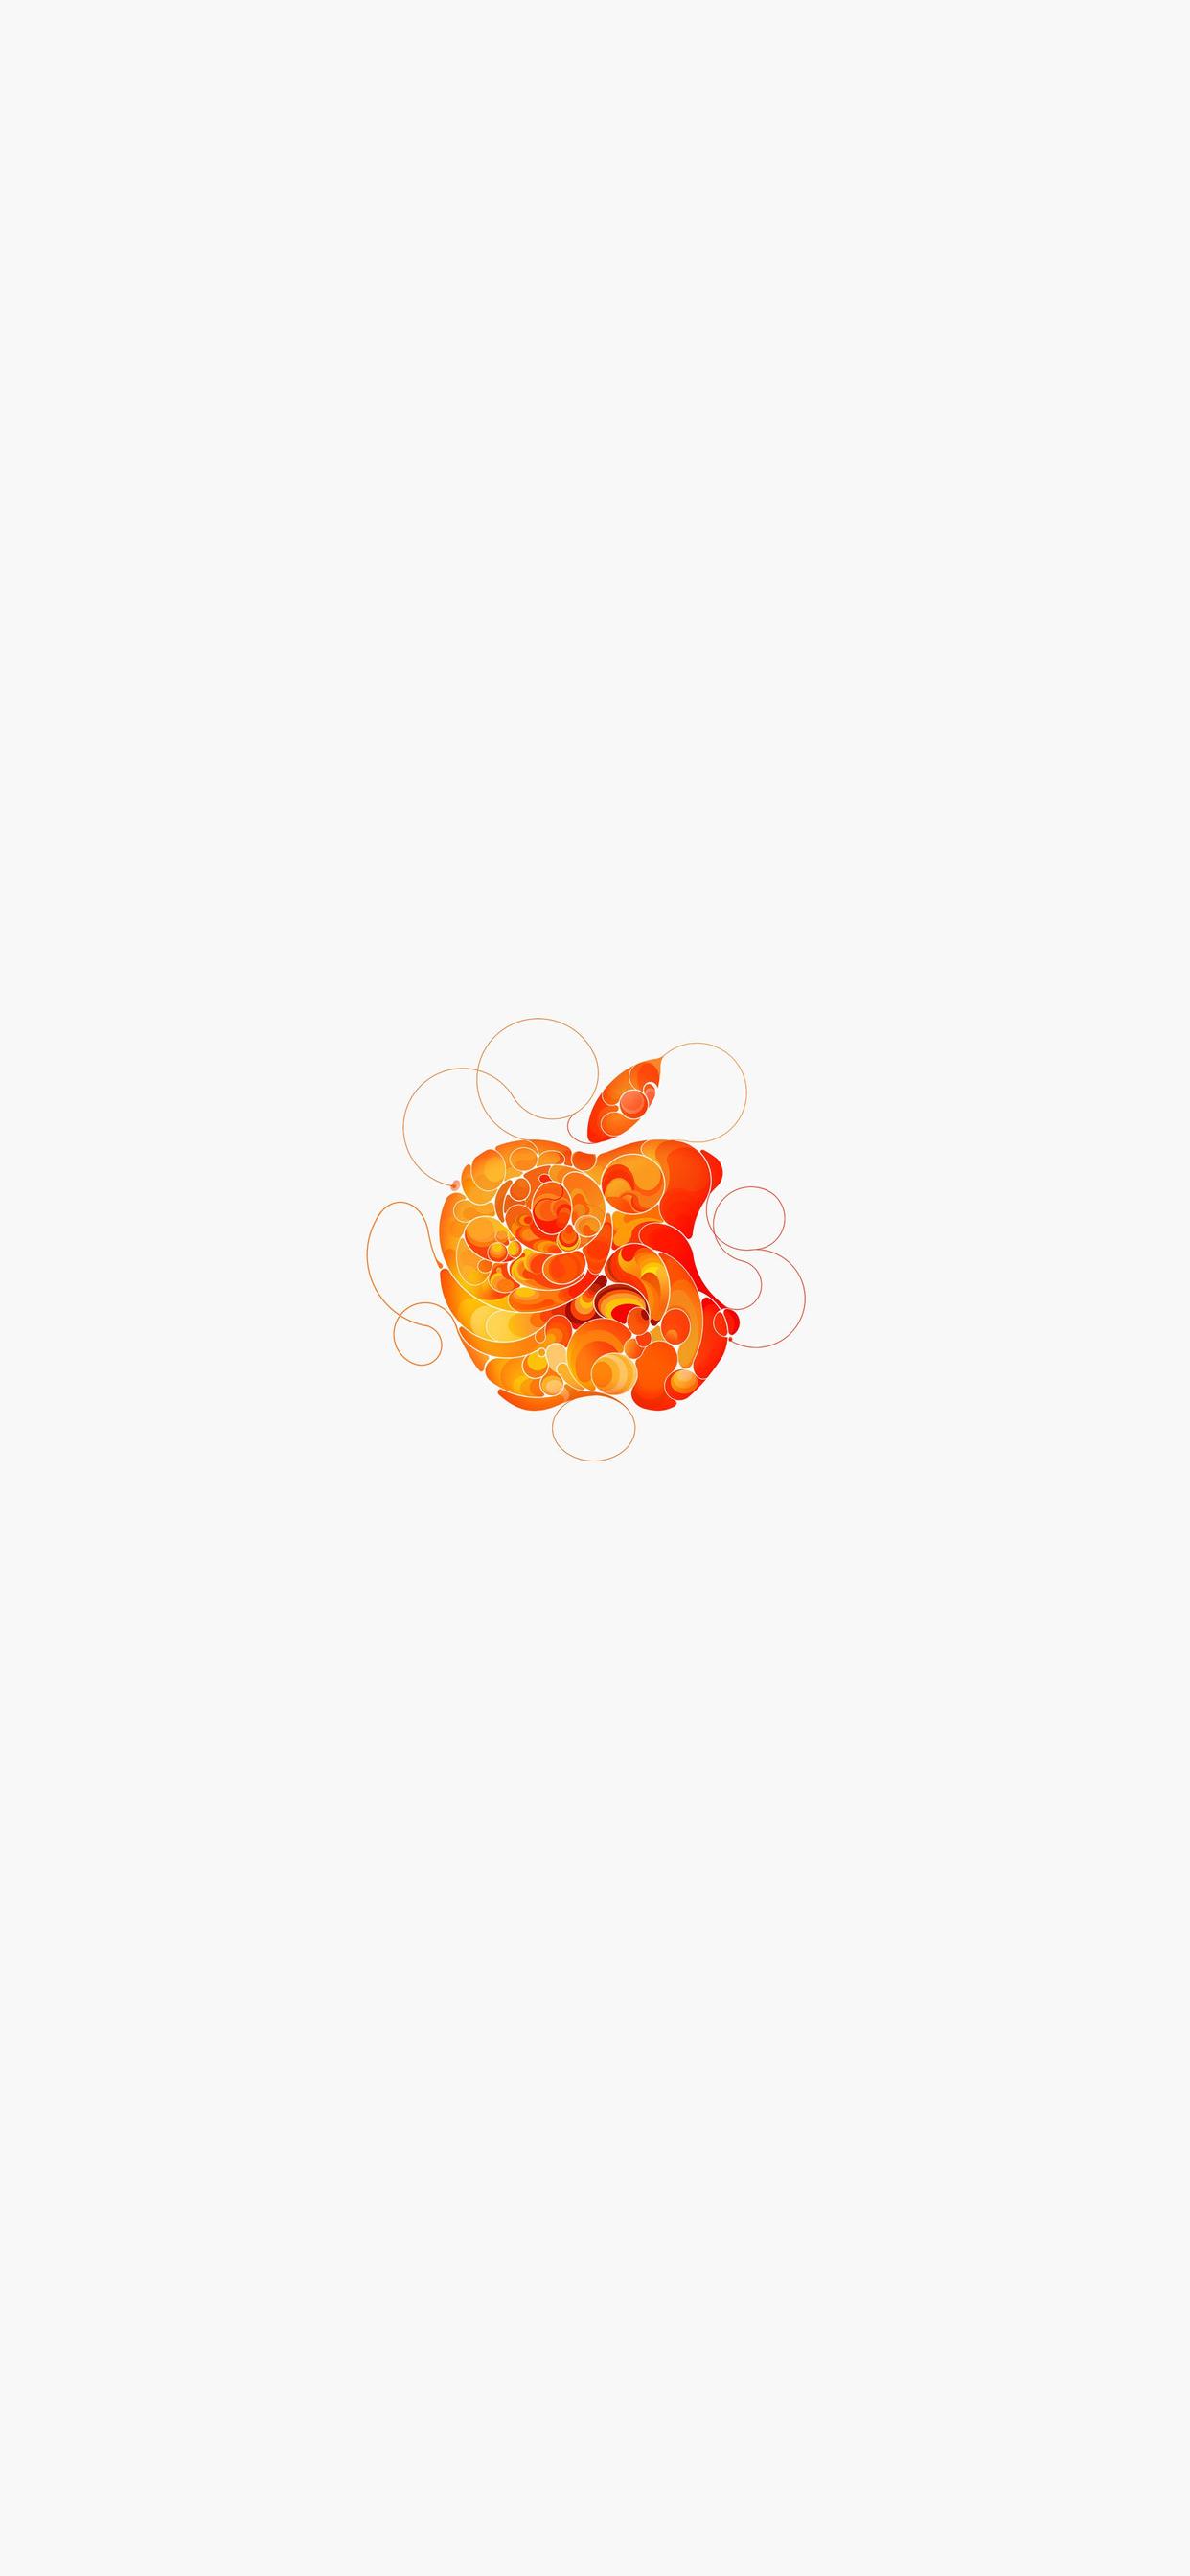 23 Fonds d'écran avec le logo Apple pour iPhone